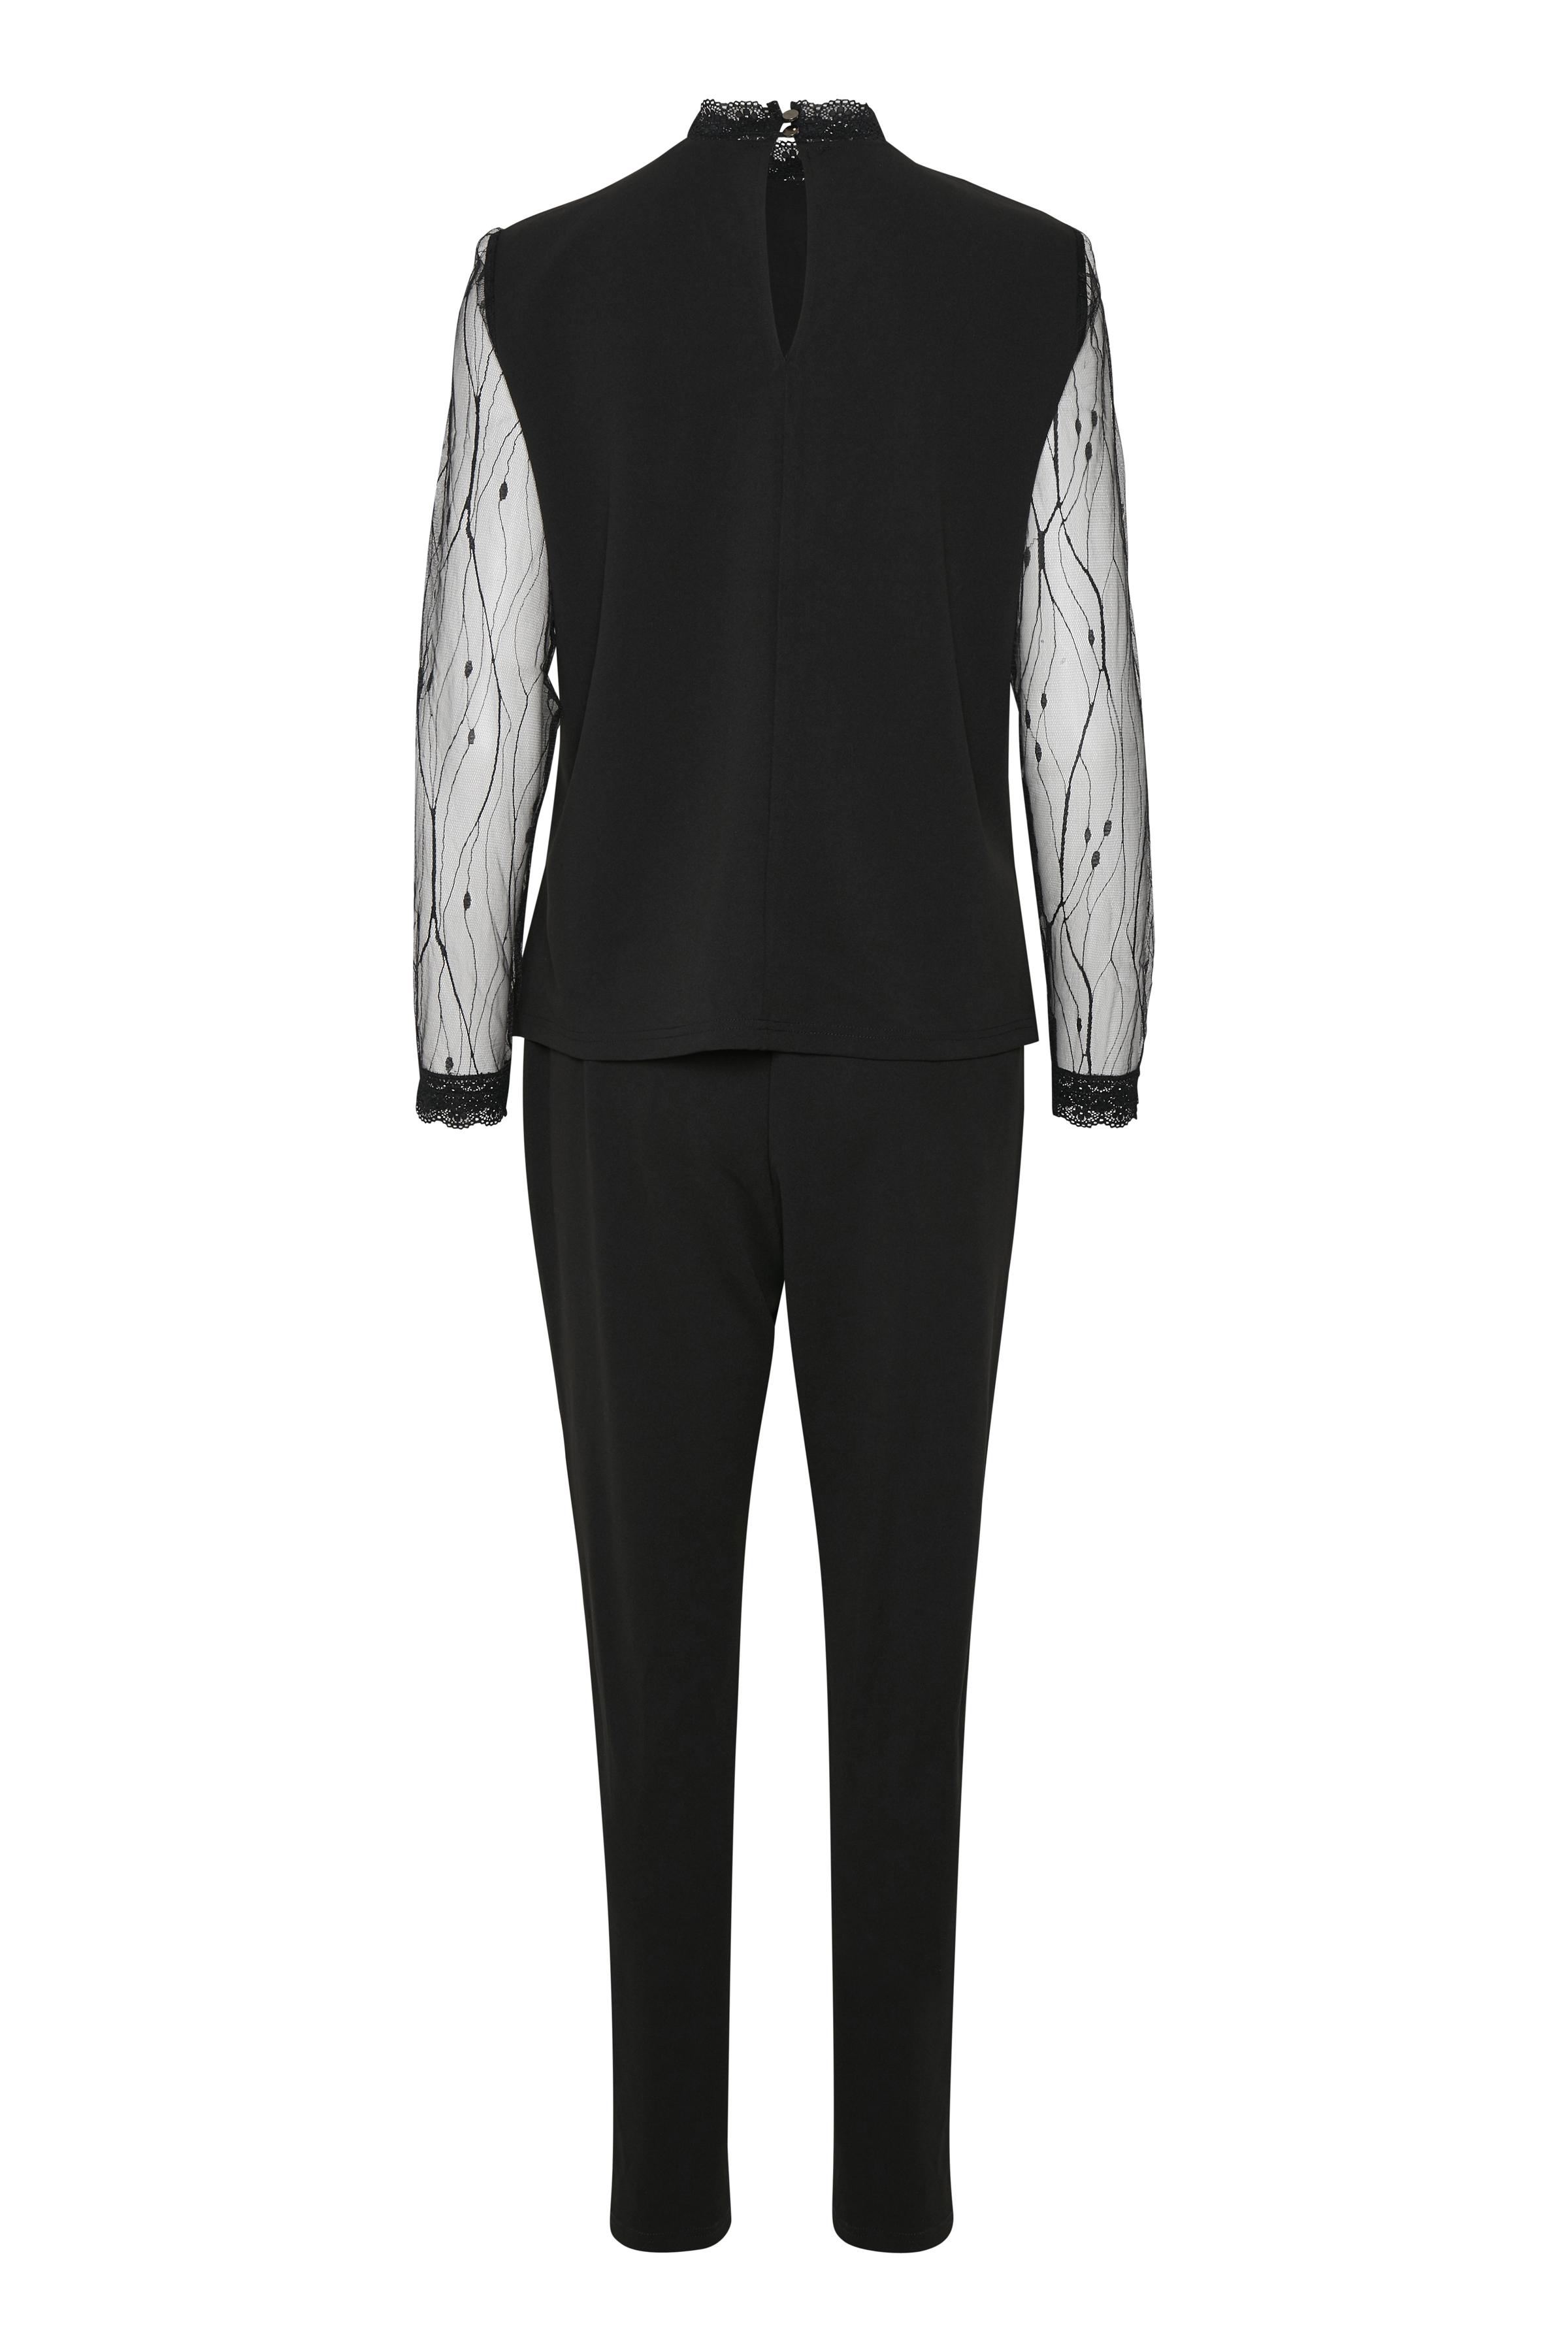 Sort Jumpsuits fra Kaffe – Køb Sort Jumpsuits fra str. XS-XXL her